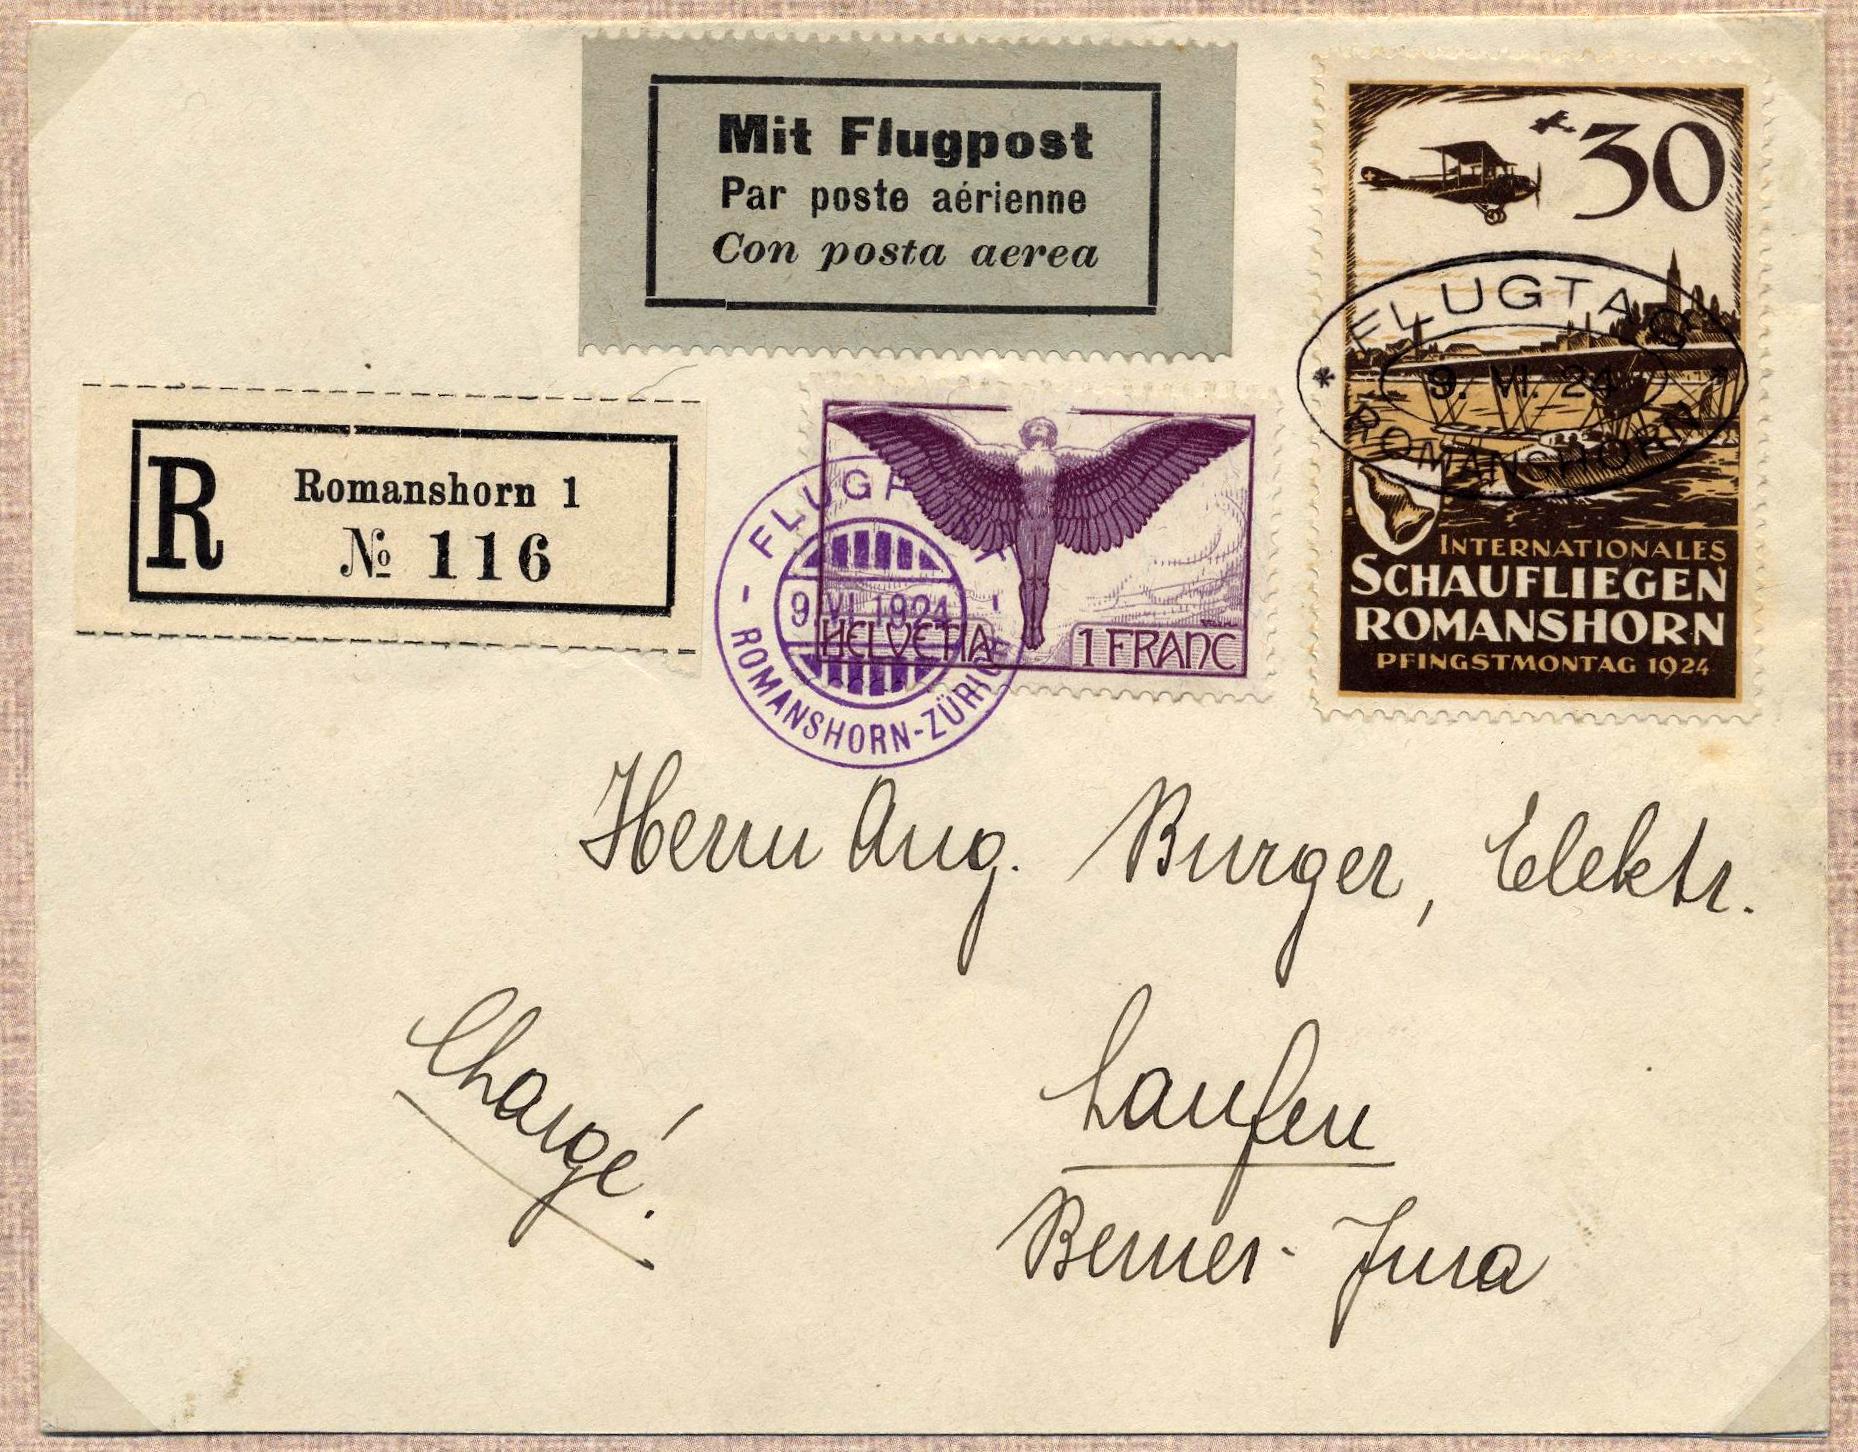 1924 Romanshorn